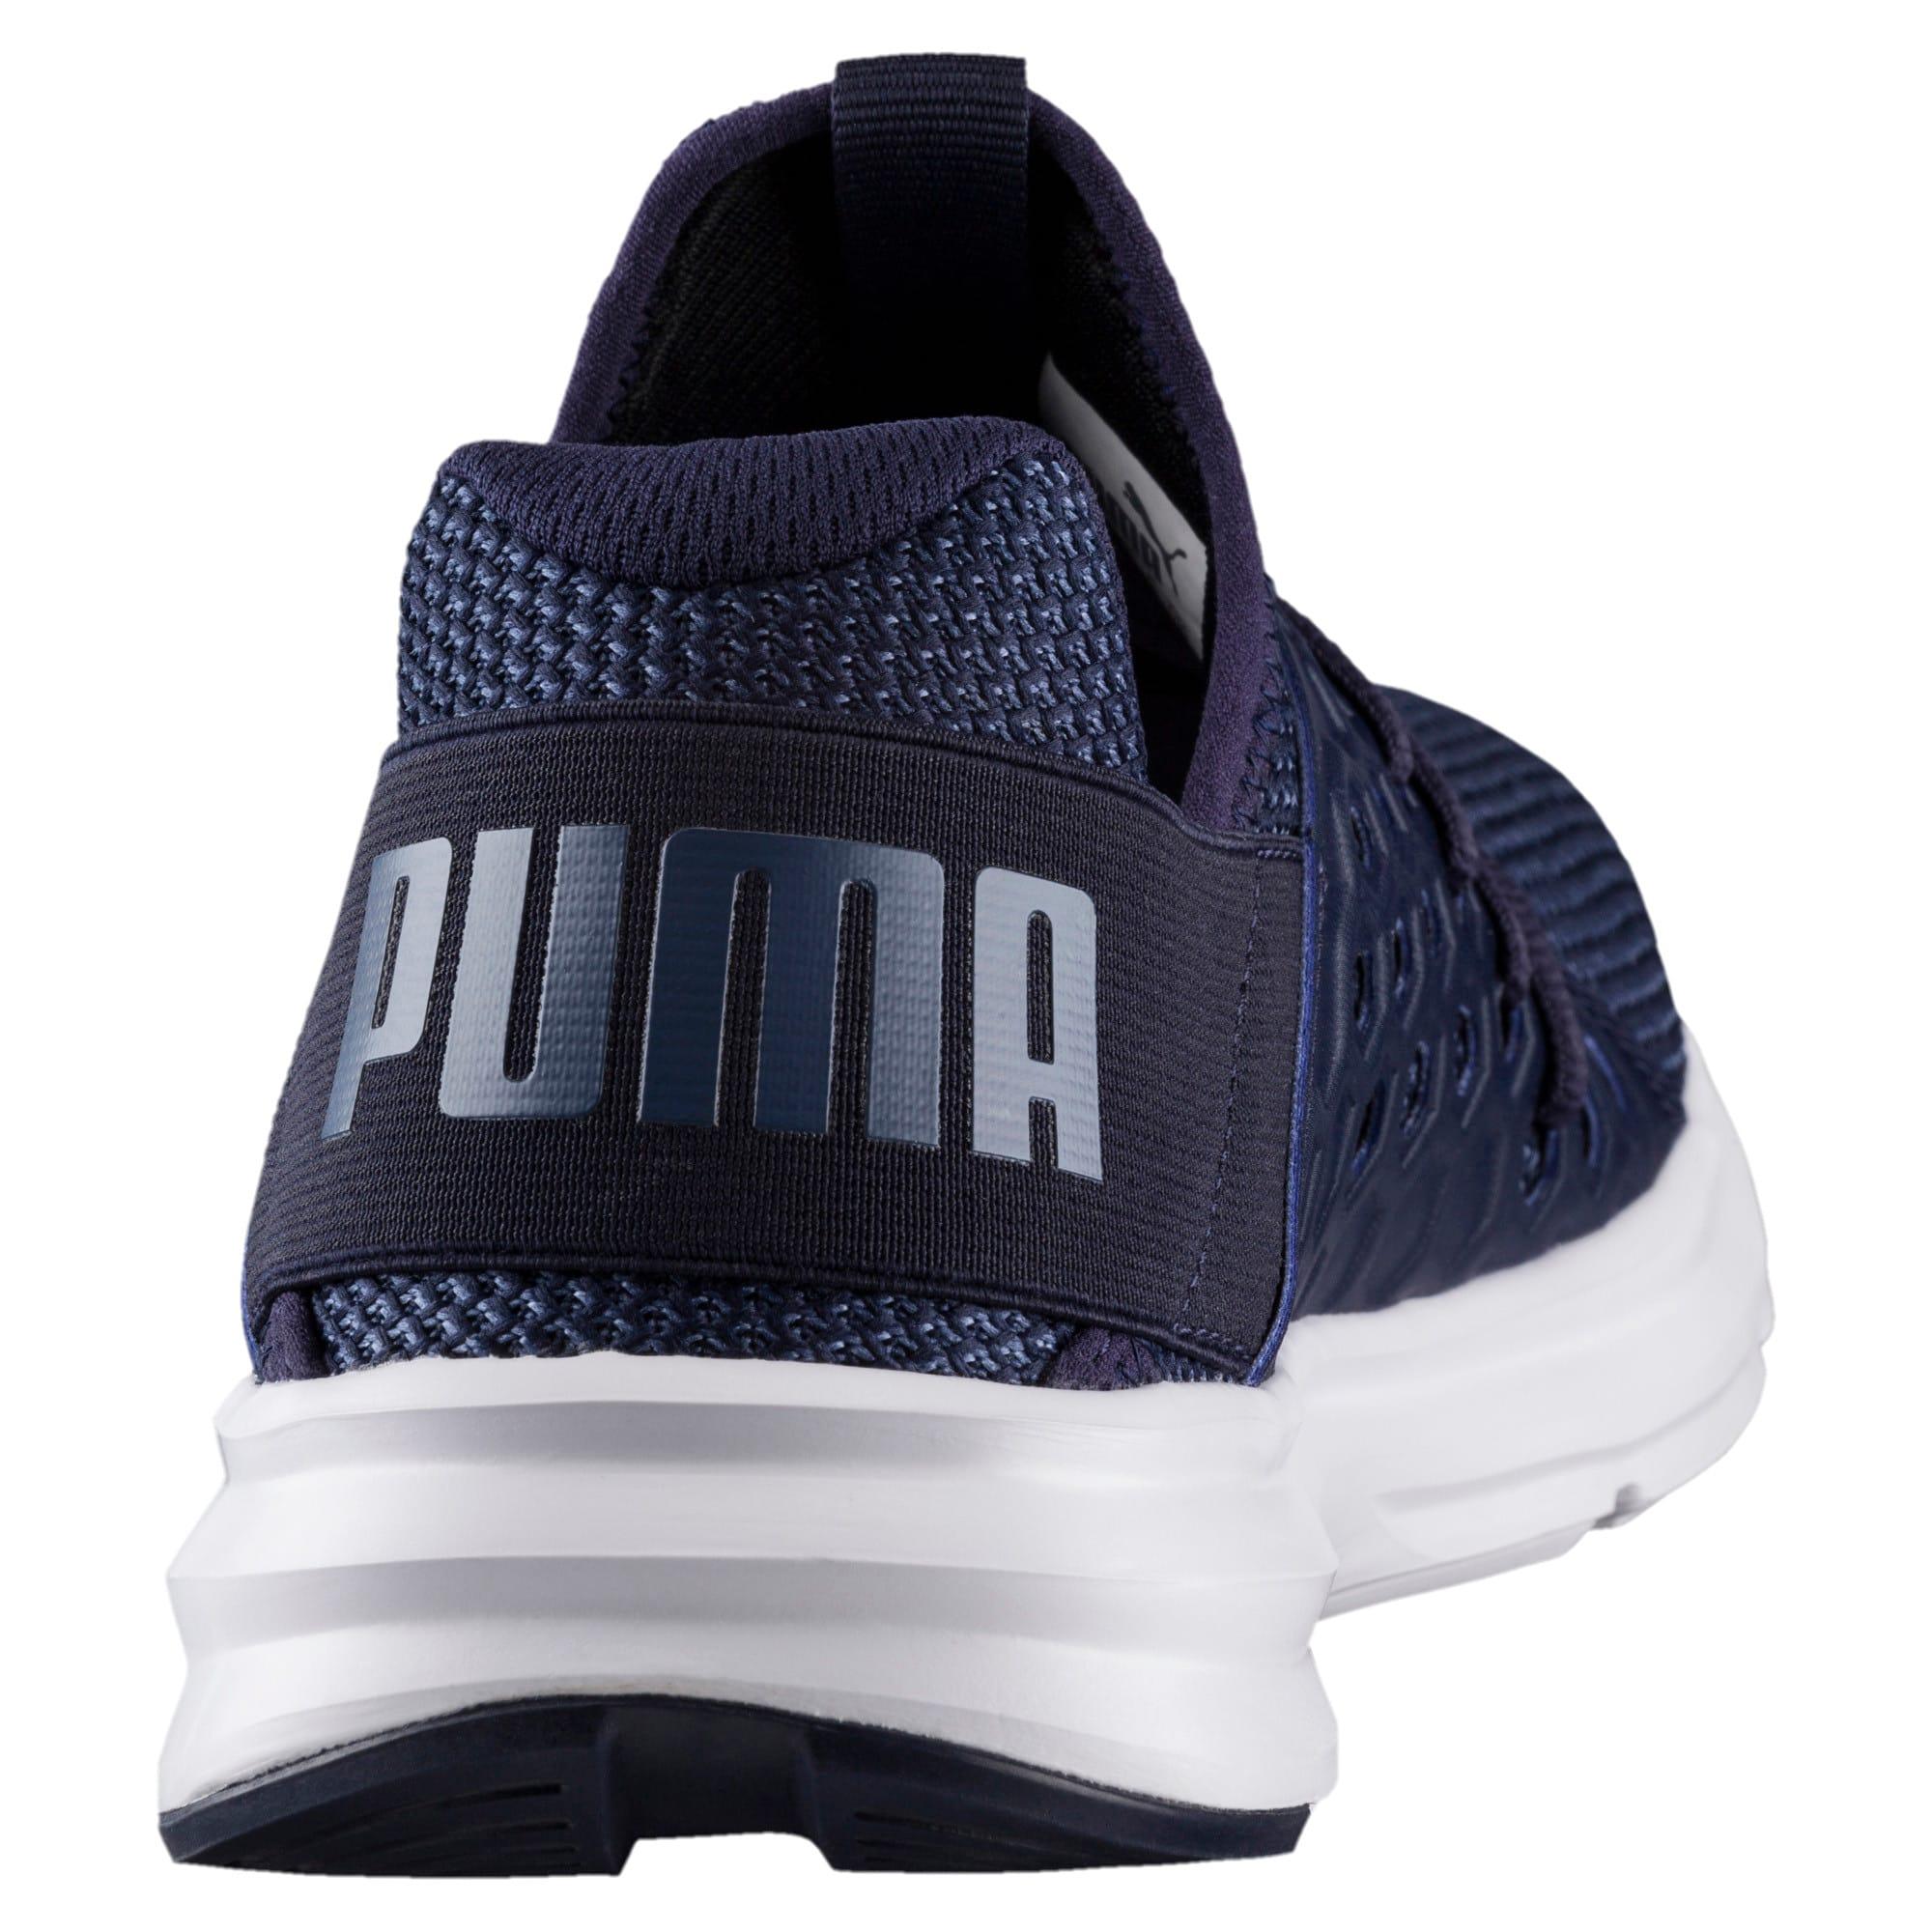 Thumbnail 3 of Enzo NETFIT Men's Training Shoes, Peacoat-Blue Indigo, medium-IND